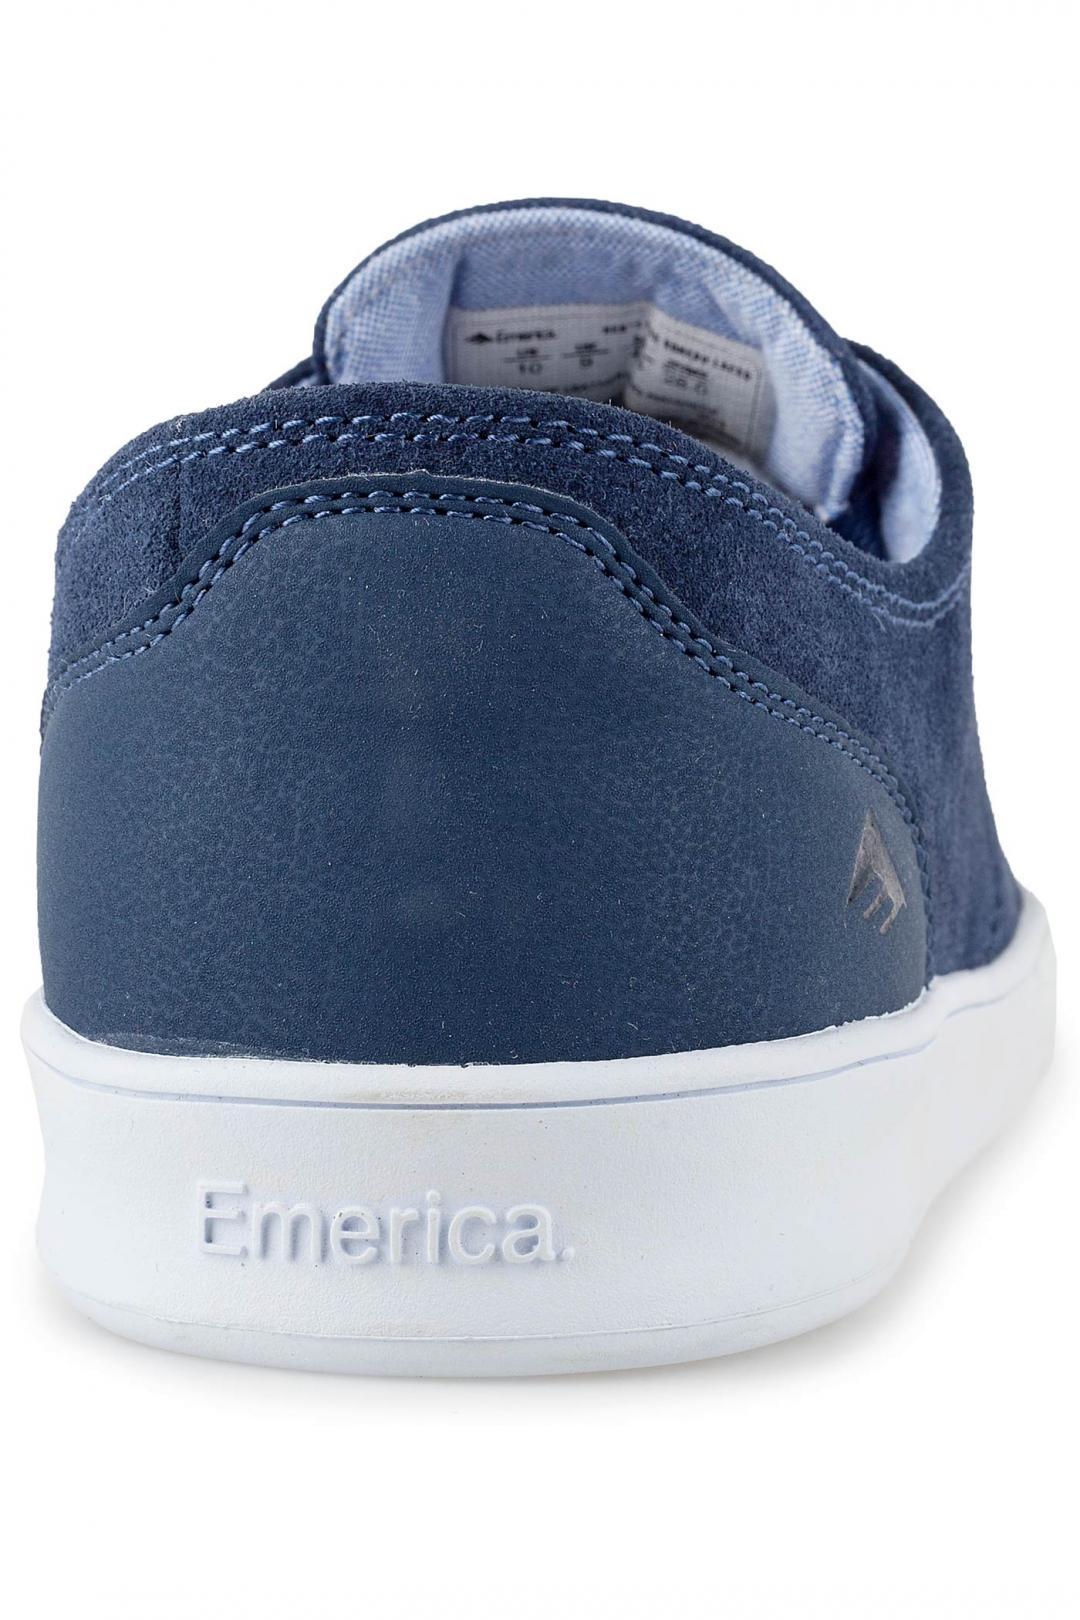 Uomo Emerica The Romero Laced blue white blue   Sneaker